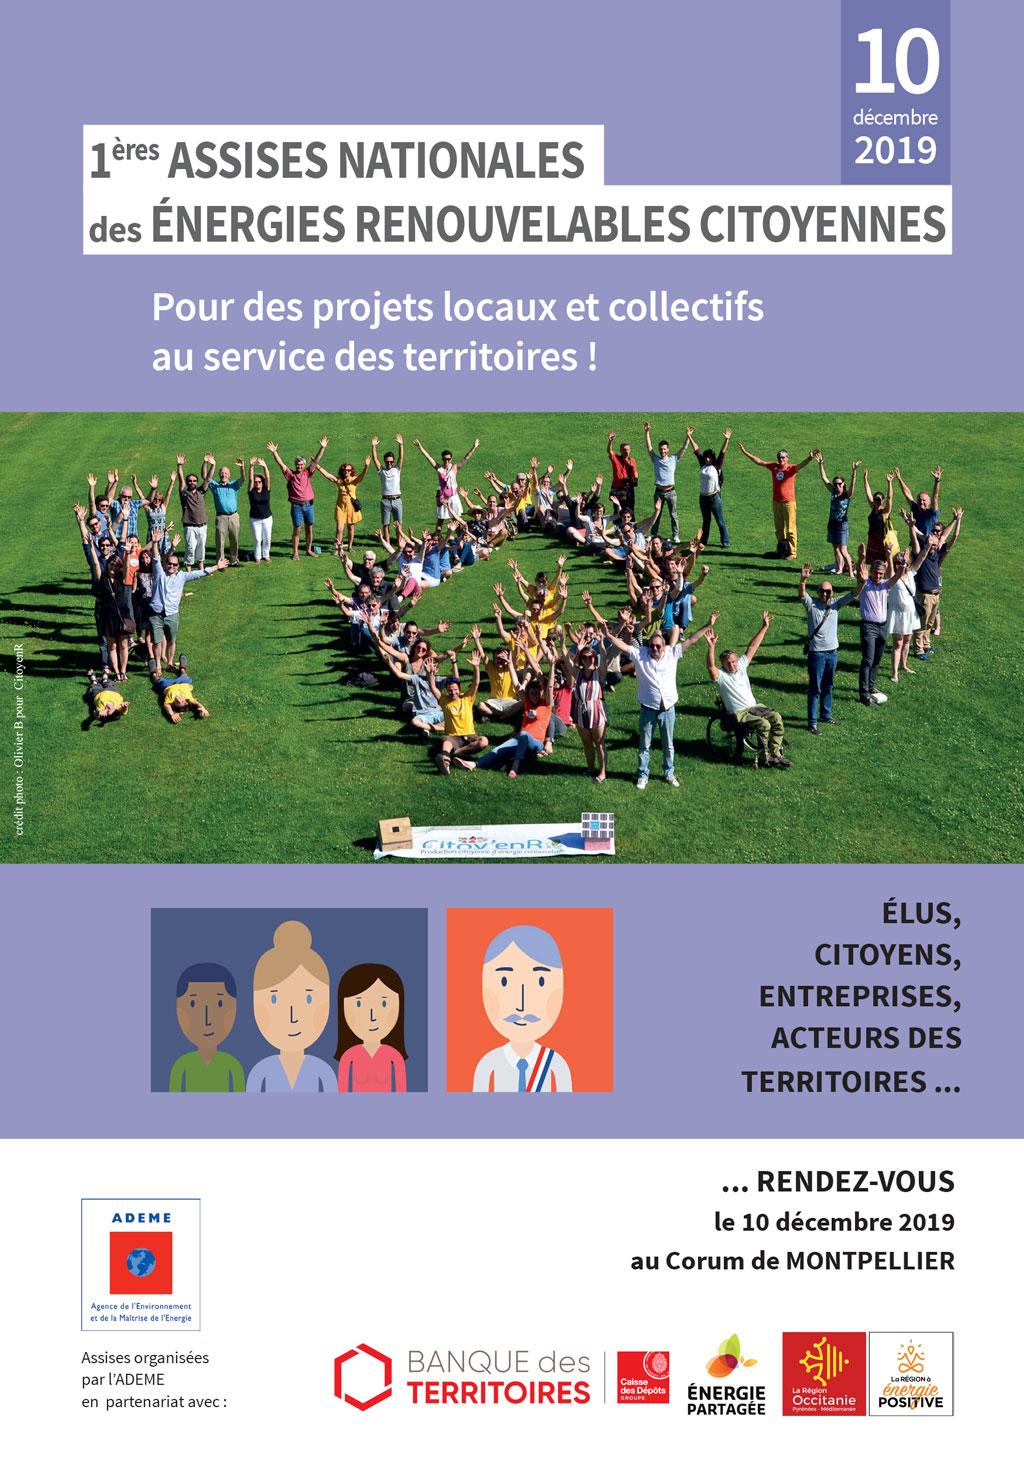 Les premières Assises des énergies renouvelables citoyennes auront lieu le 10 décembre à Montpellier